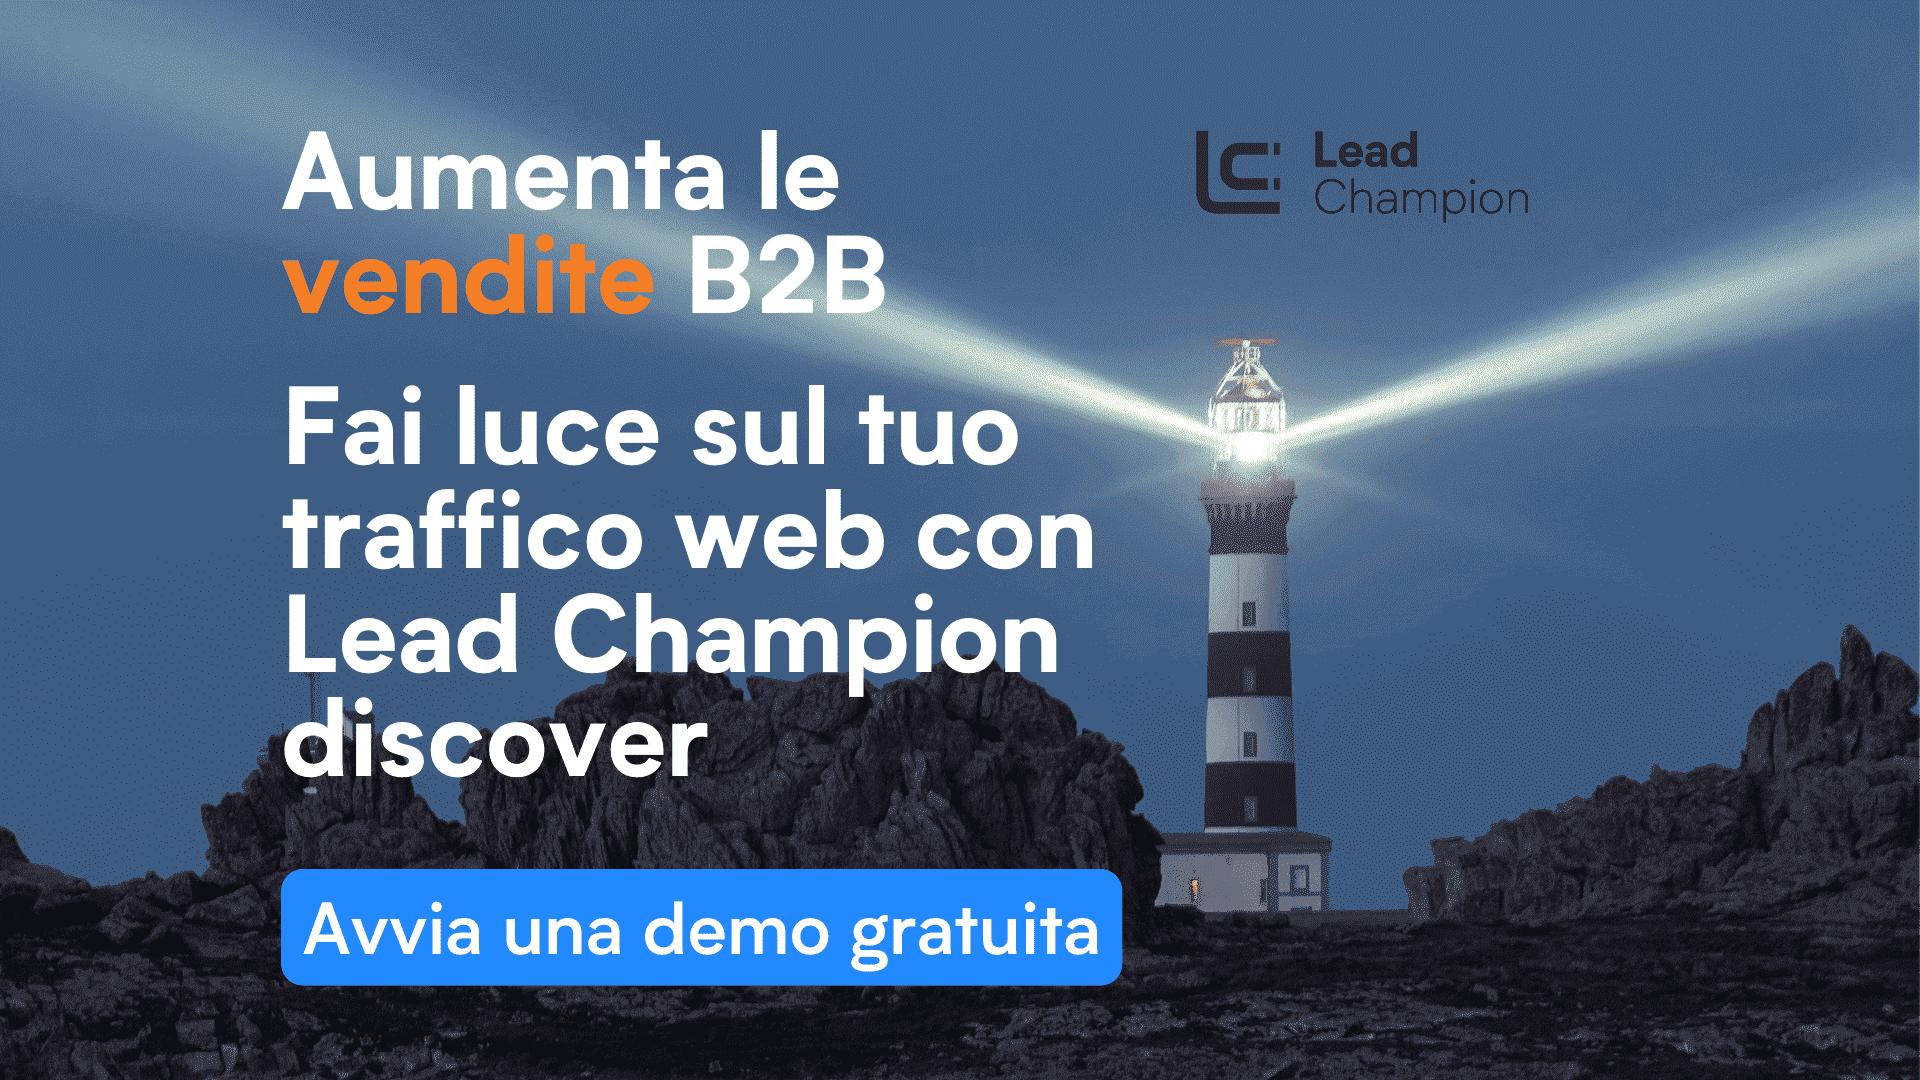 aumenta le tue vendite b2b con lead champion discover facendo luce sul tuo traffico web